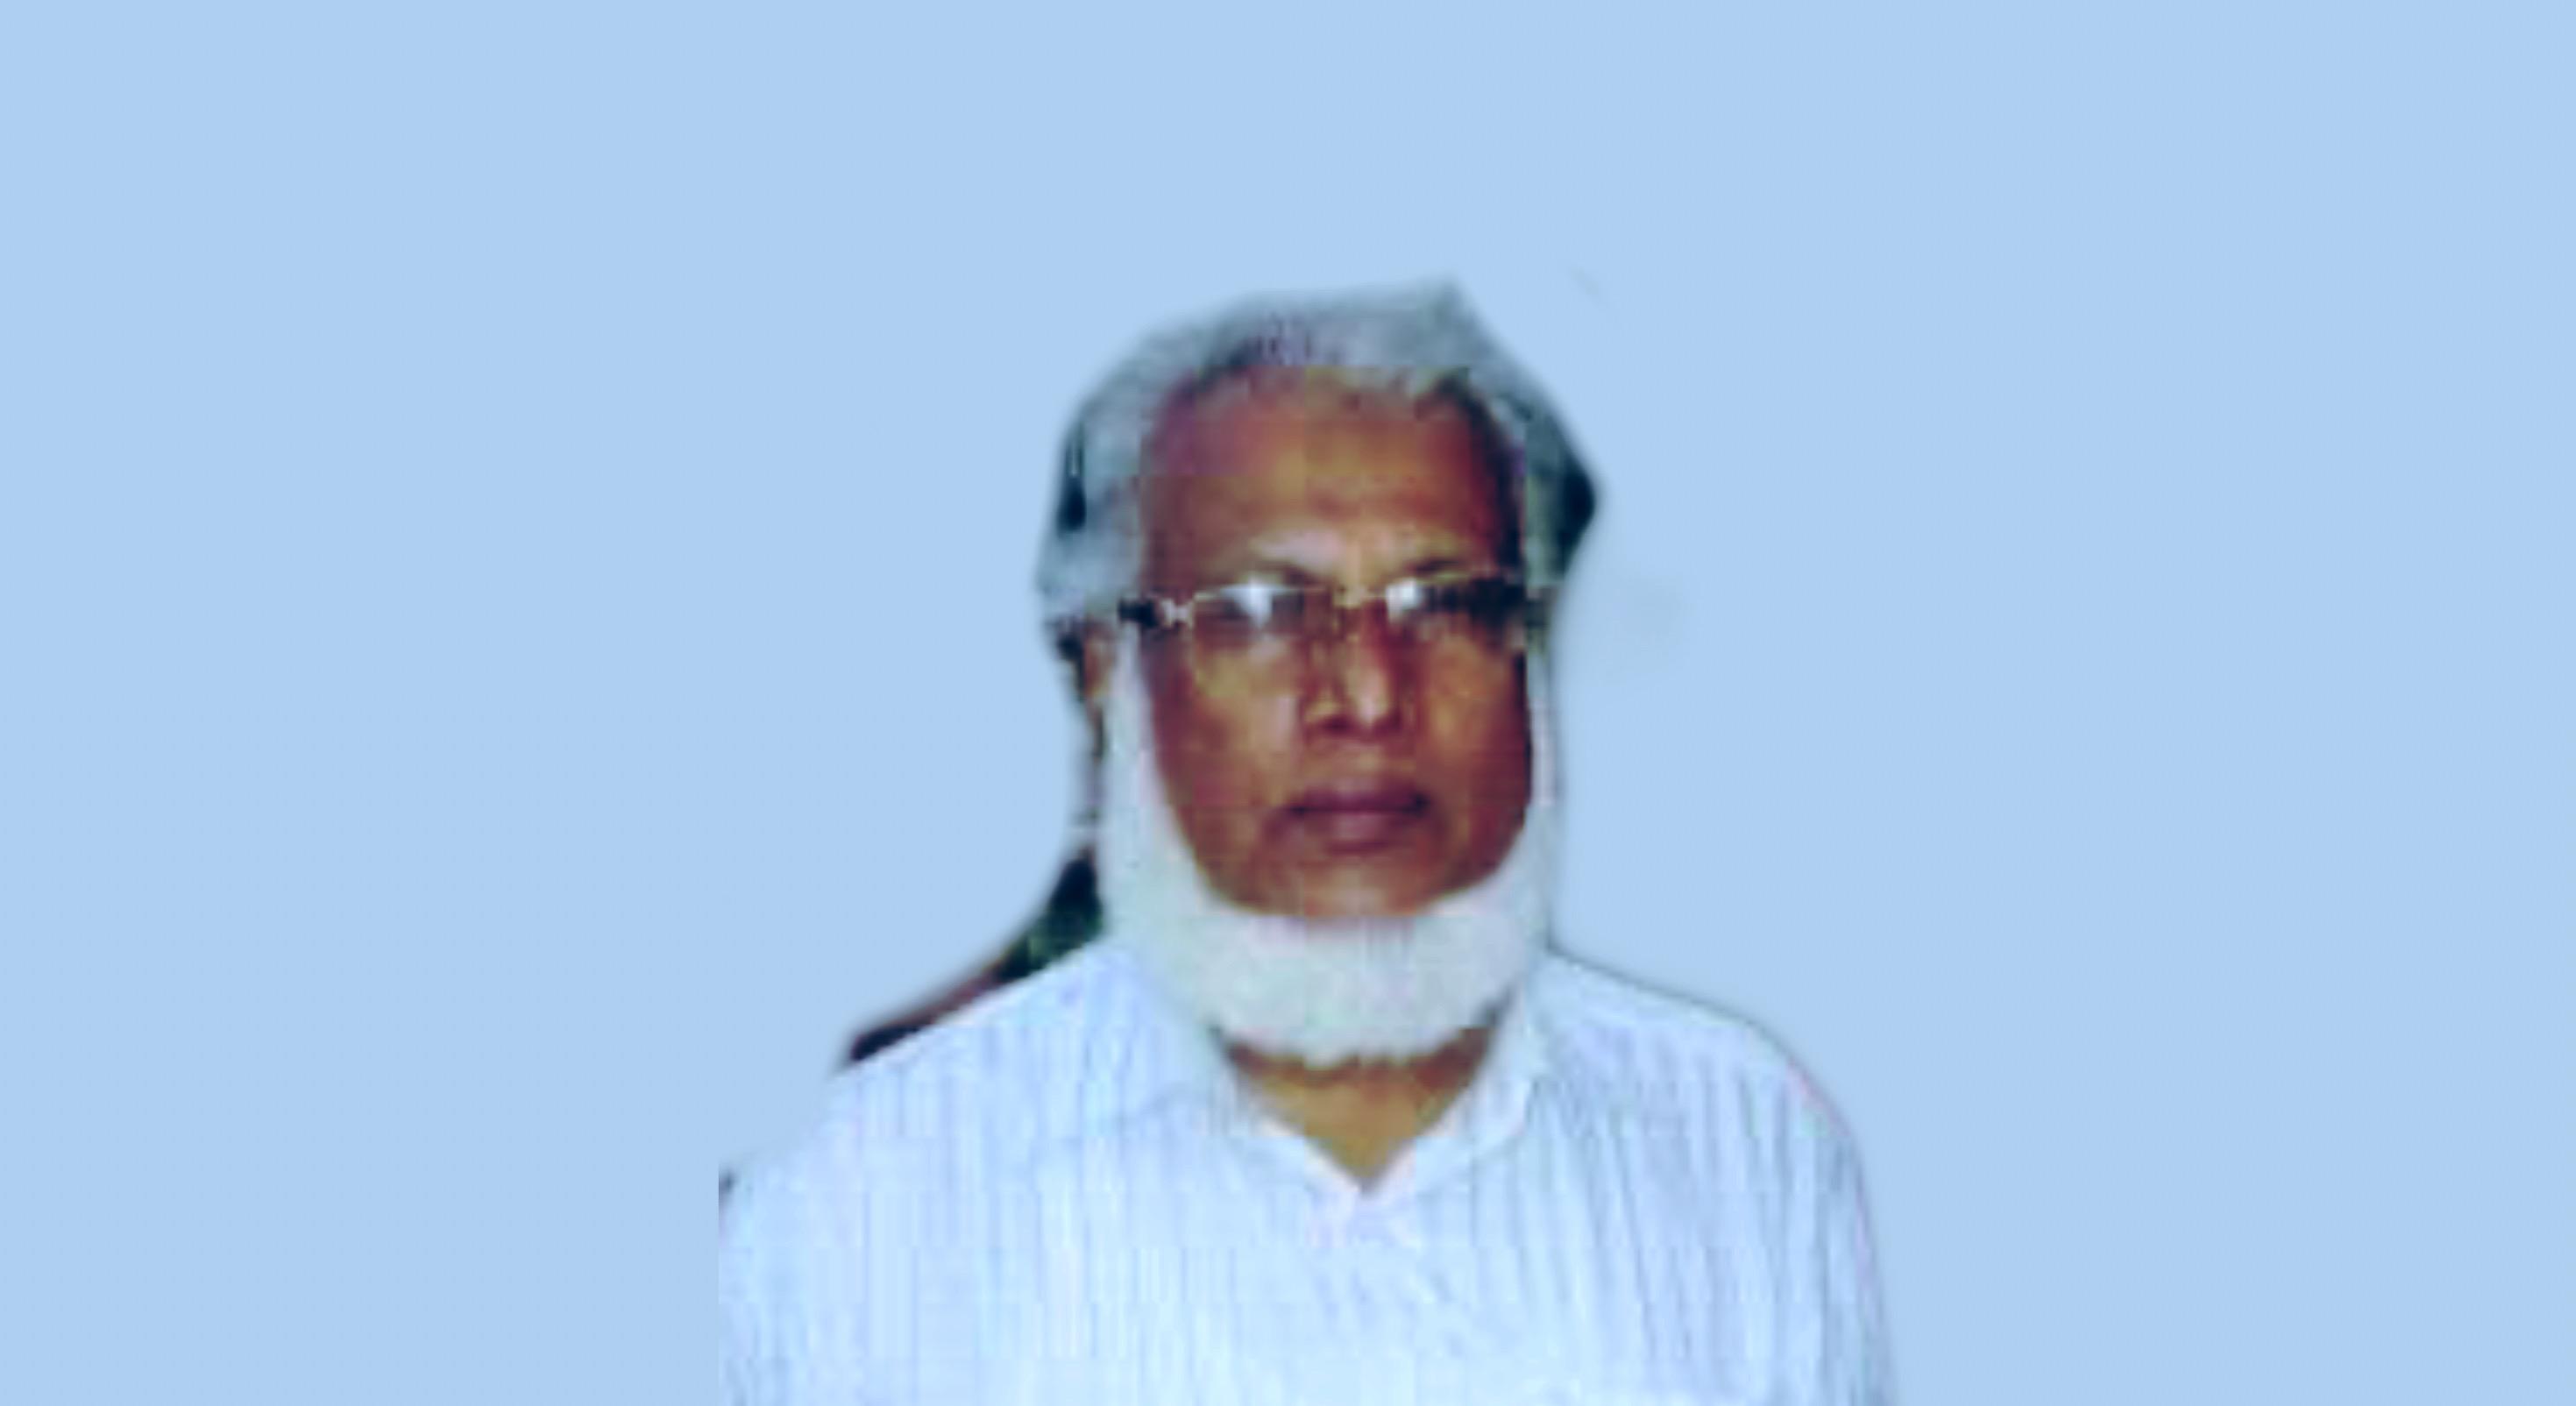 উপজেলা চেয়ারম্যান সাইদুর রহমান রিন্টুর শোক